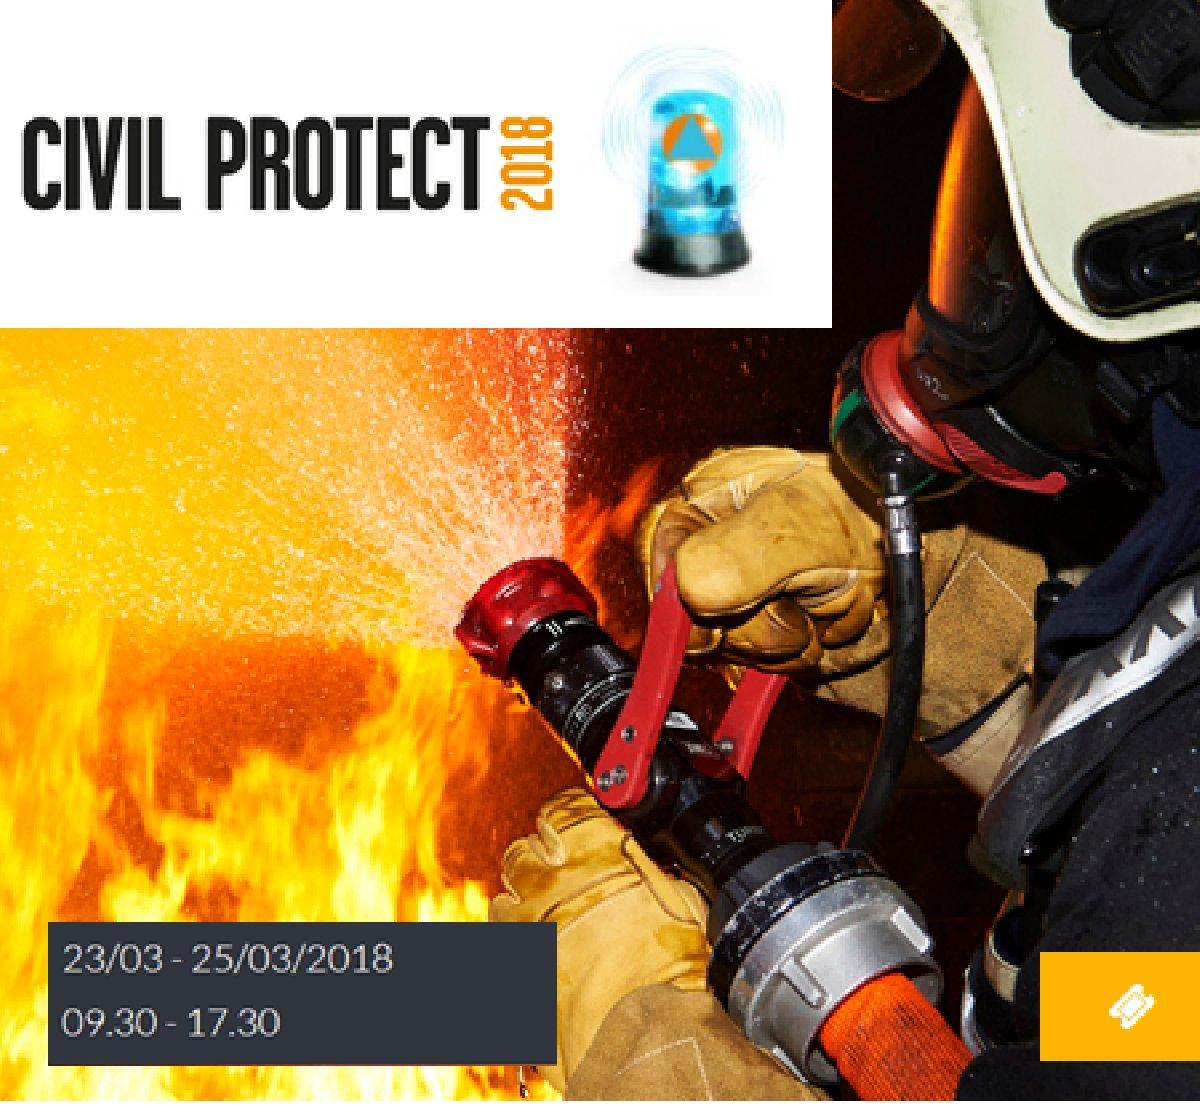 civil protect completa